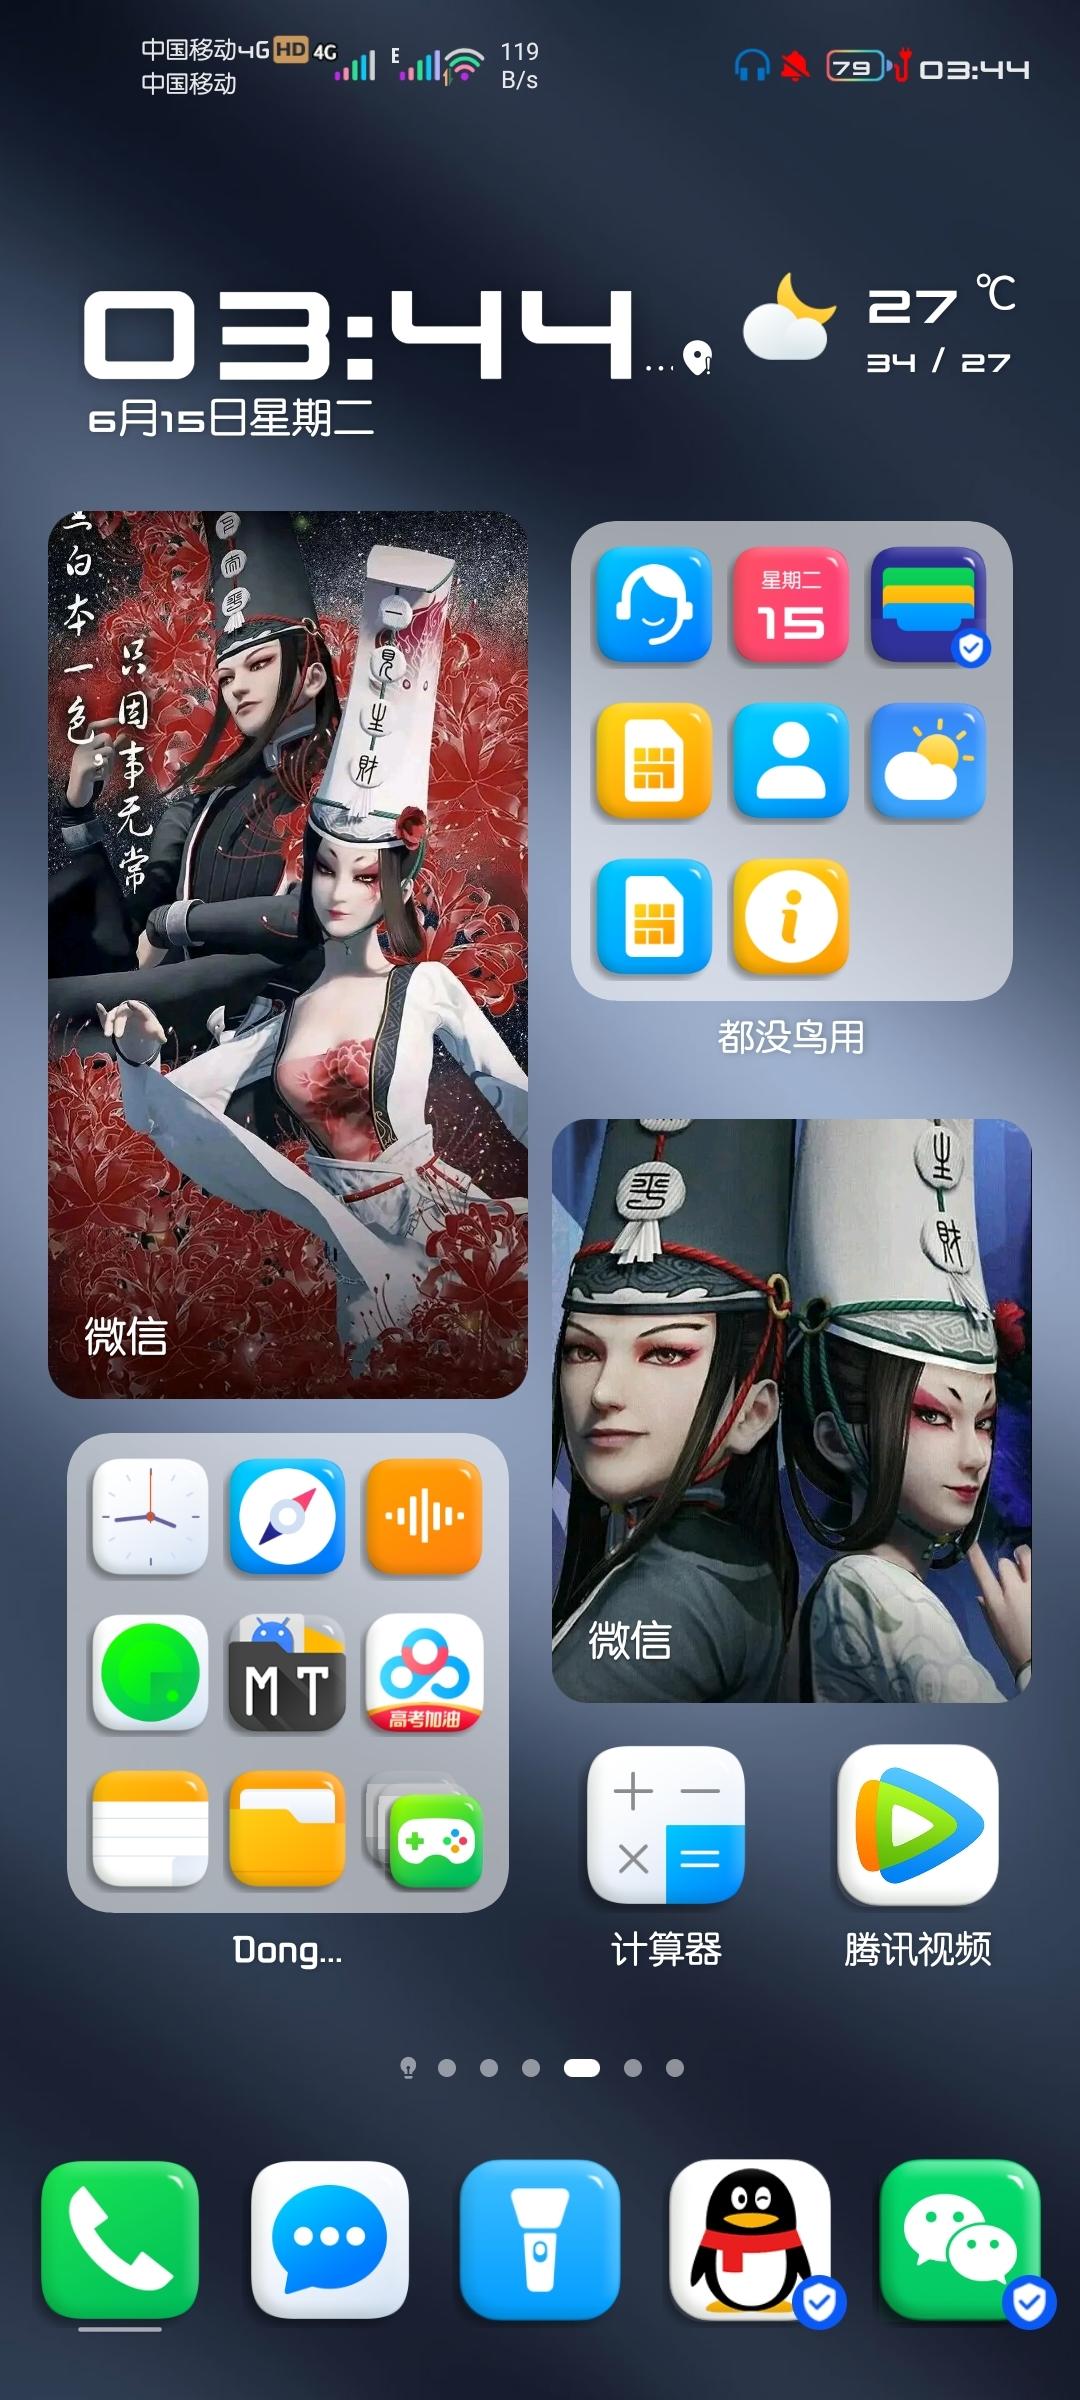 Screenshot_20210615_034400_com.huawei.android.launcher.jpg